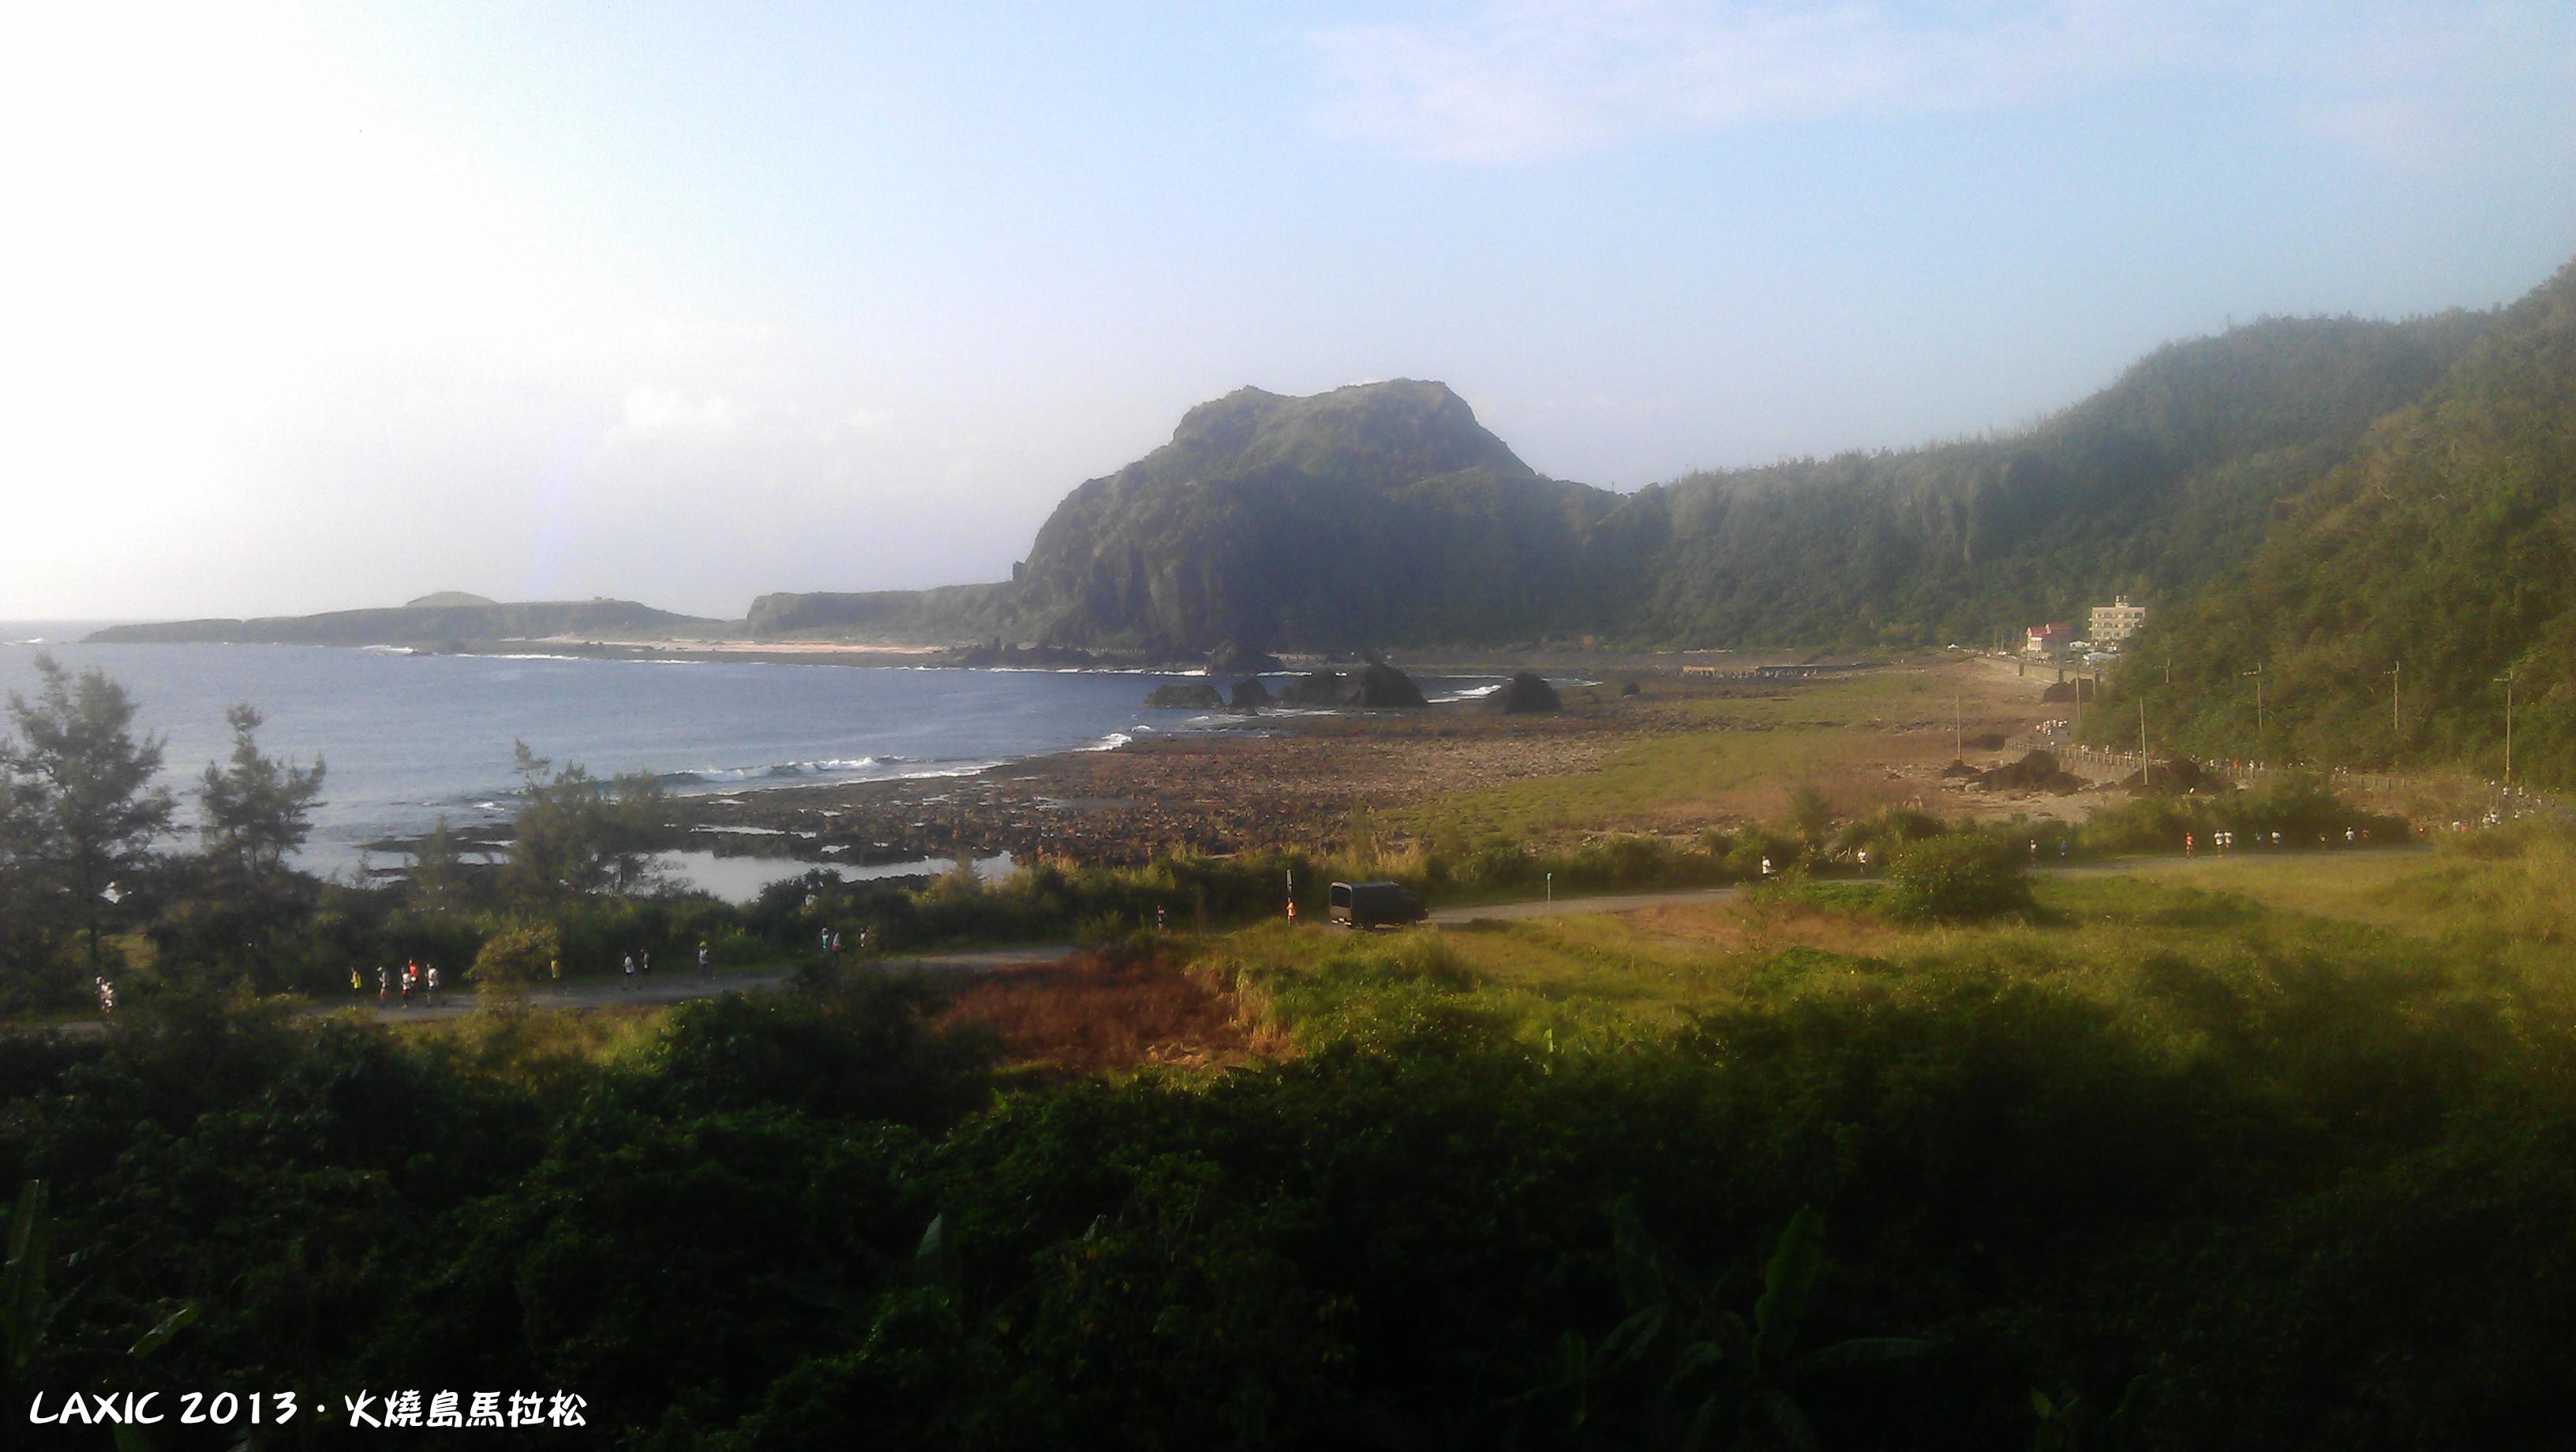 2013.09 火燒島馬拉松